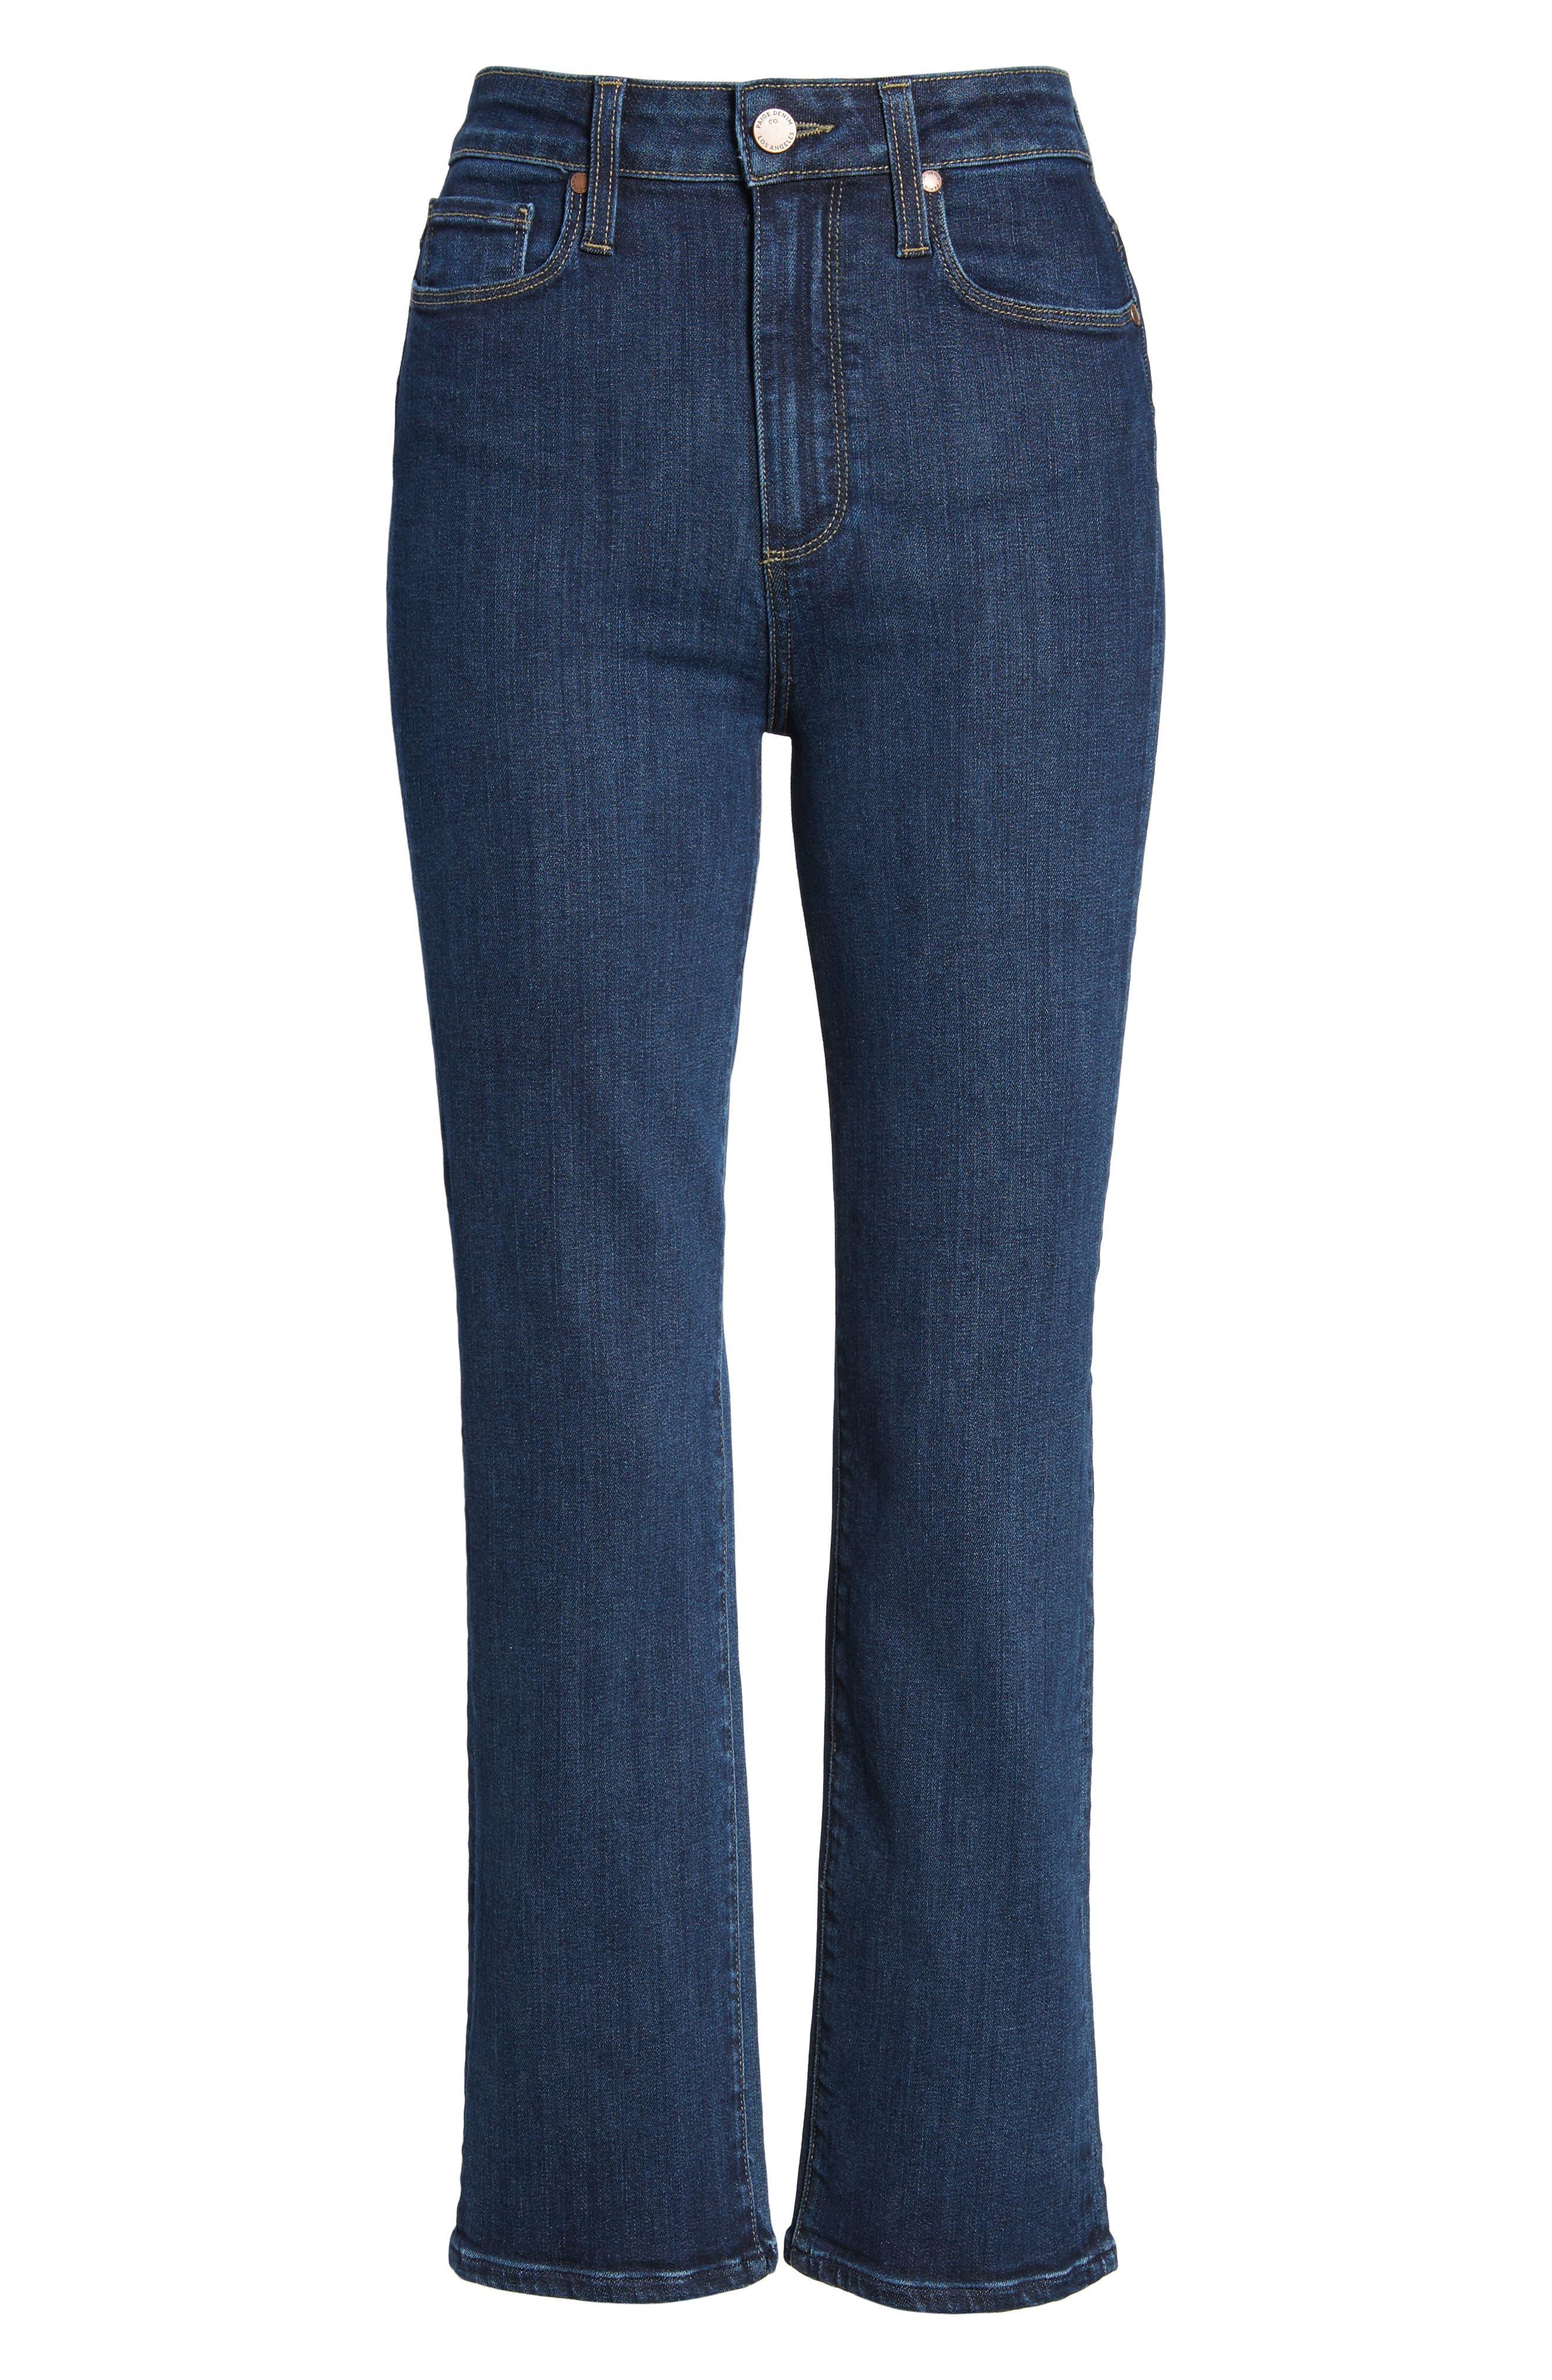 Margot High Waist Ankle Straight Leg Jeans,                             Alternate thumbnail 7, color,                             400